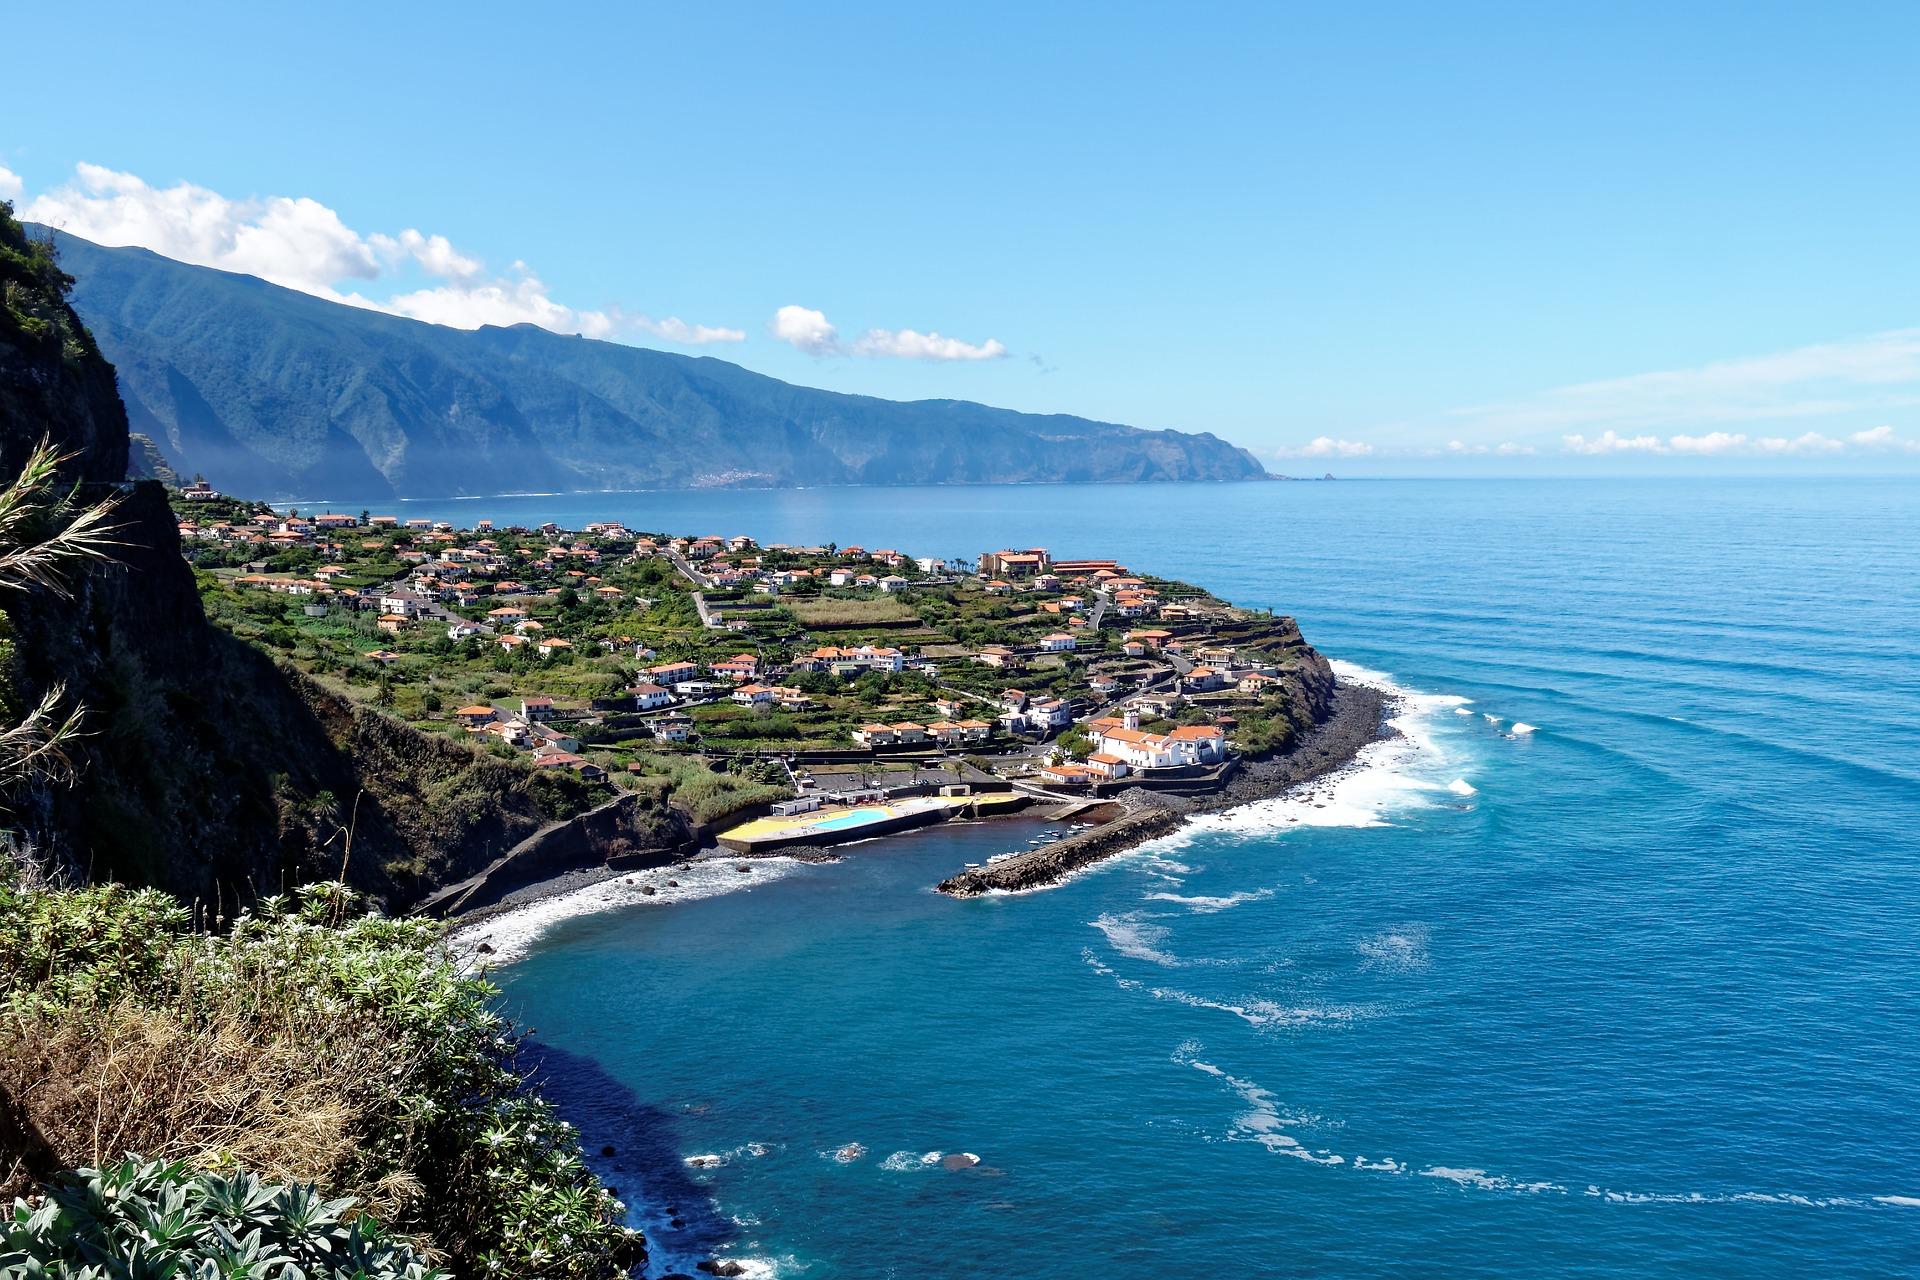 Португальский регион Мадейра открылся для туристов